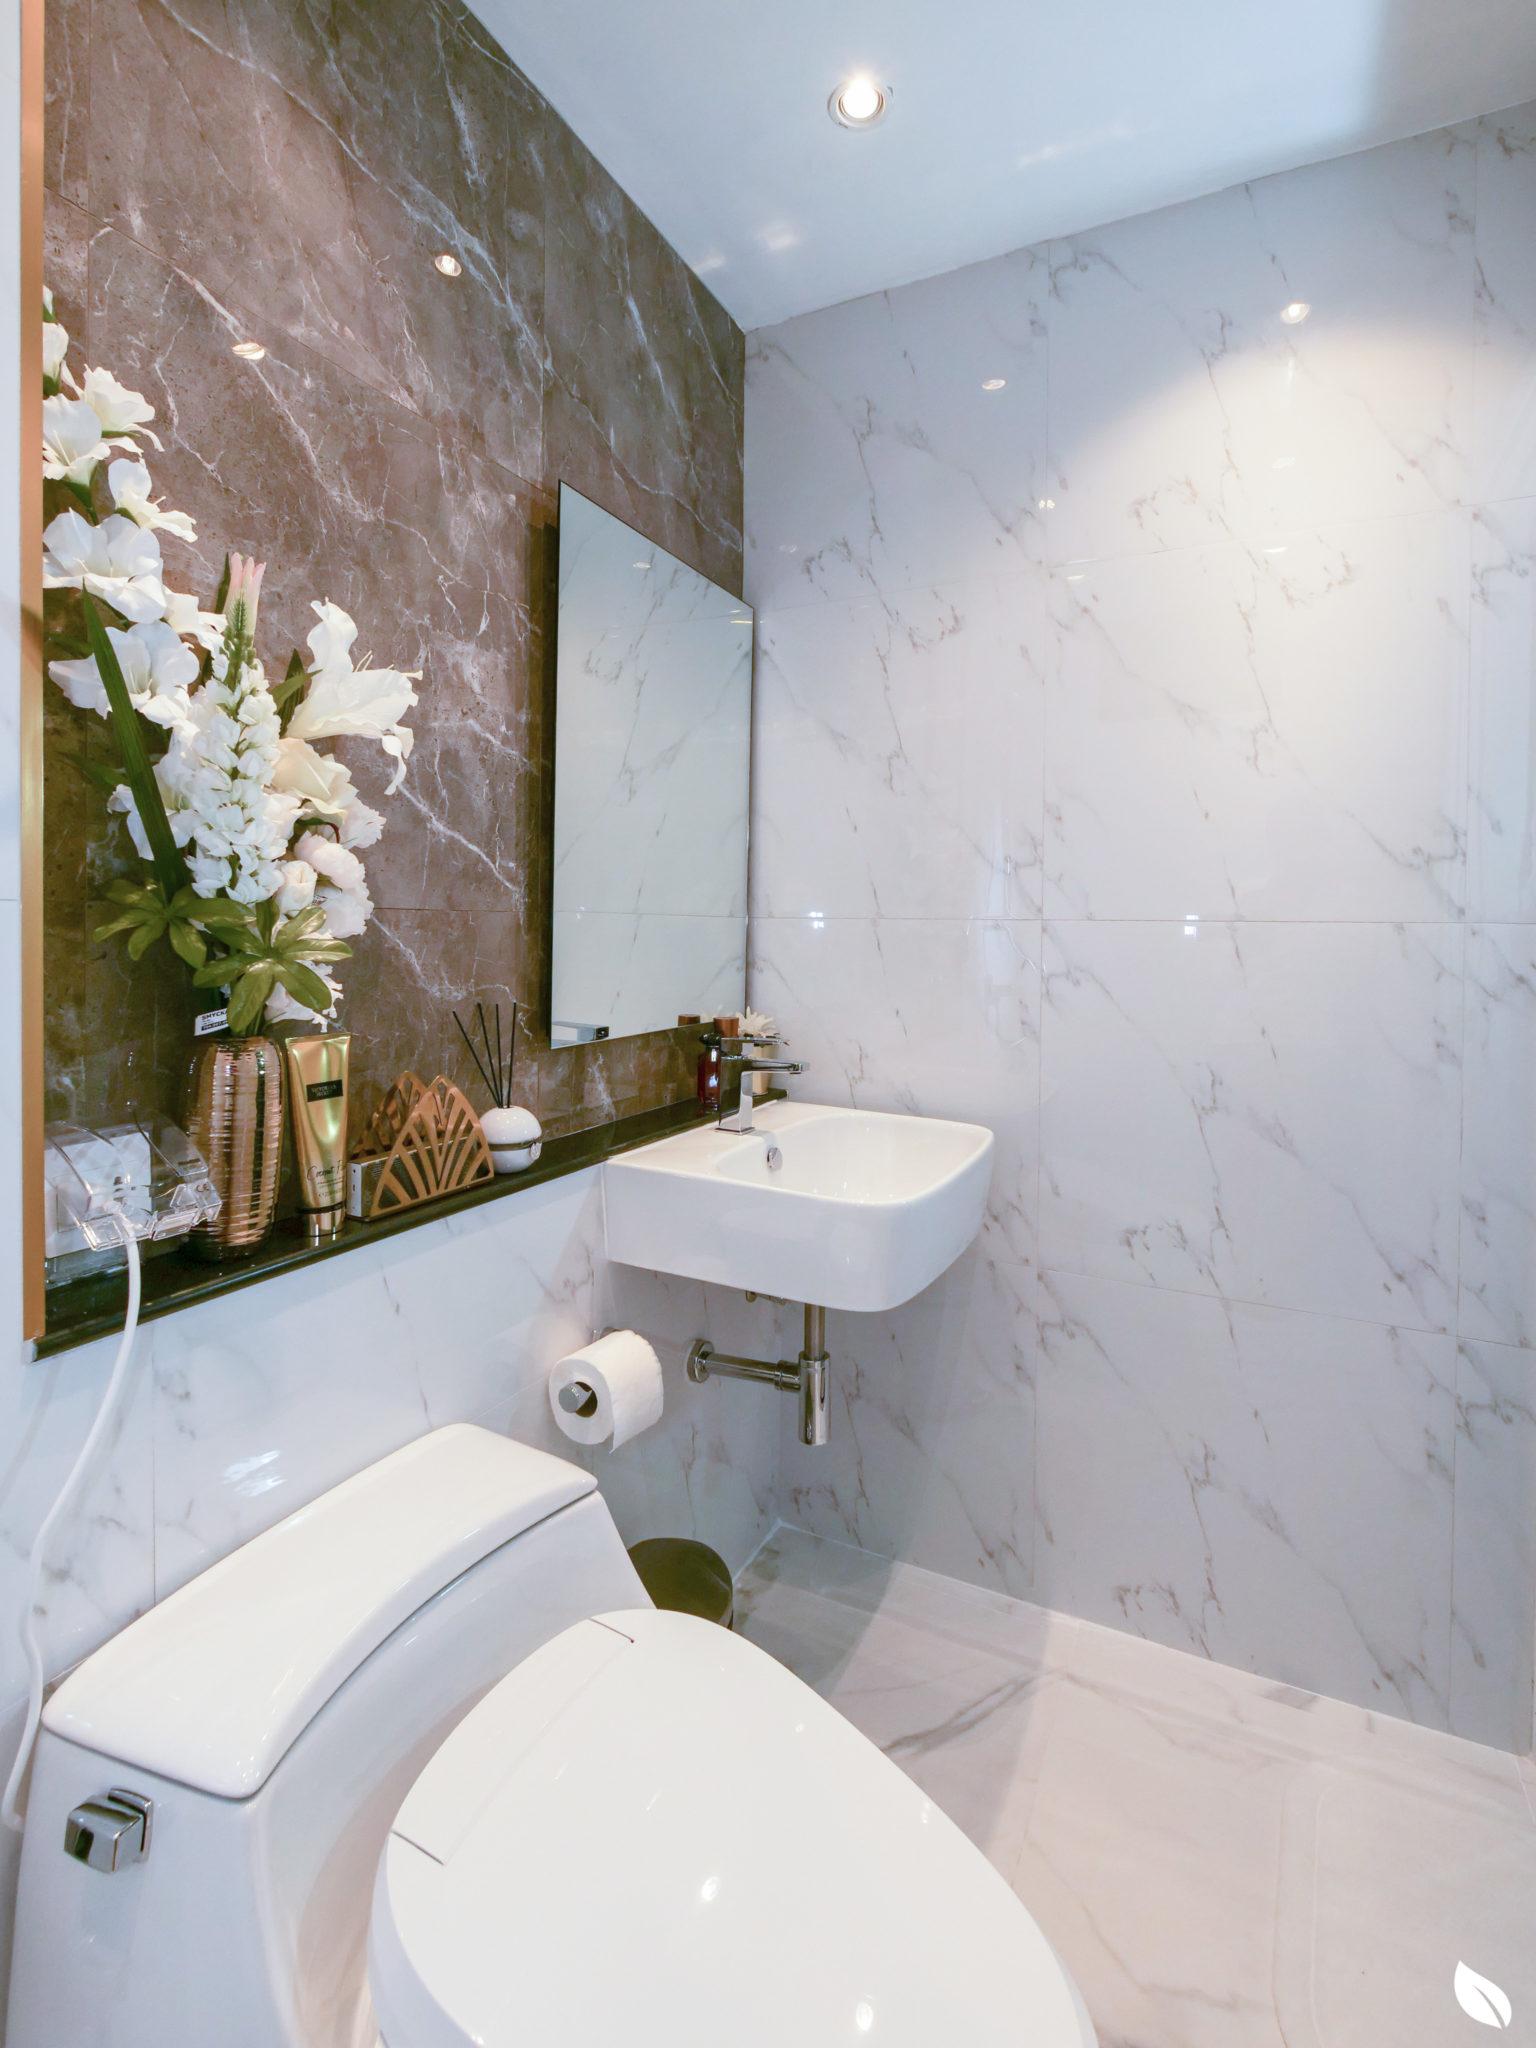 """4 ขั้นตอน """"รีโนเวทห้องน้ำขนาดเล็ก"""" ให้สวยใหม่ จบงานไวใน 2 วัน แบบปูกระเบื้องทับ ไม่ต้องรื้อ 64 - bathroom"""